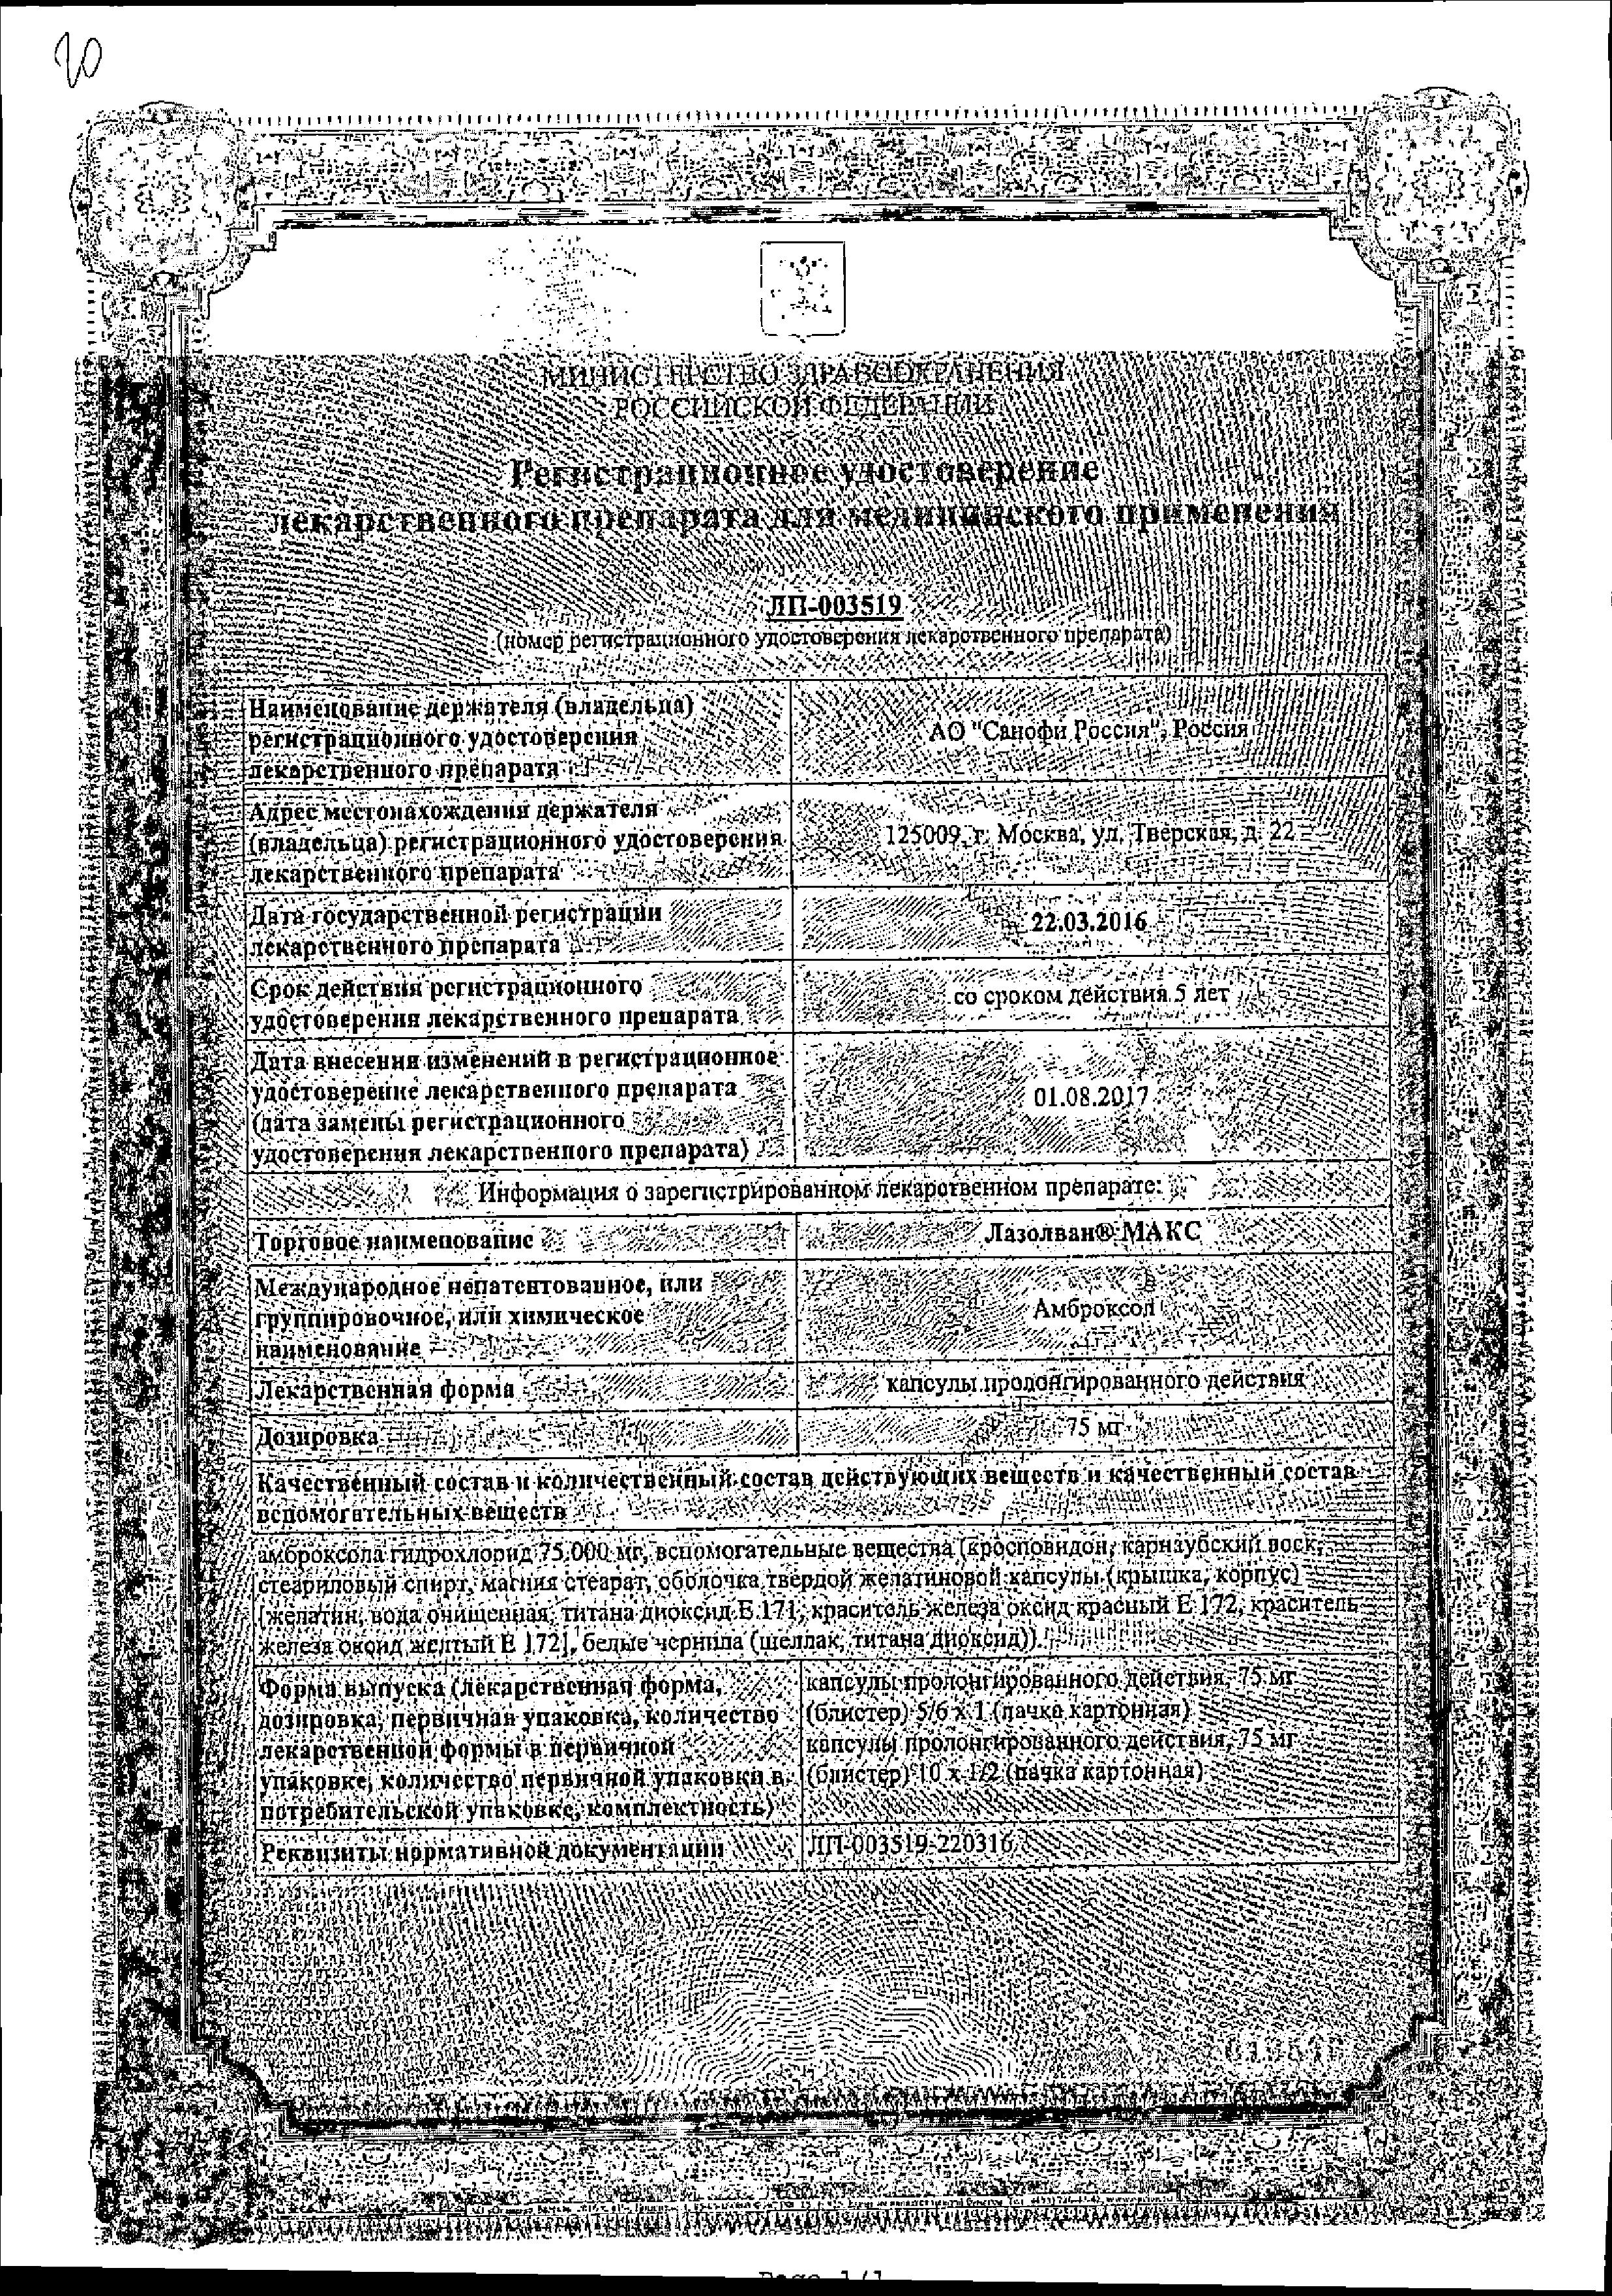 Лазолван Макс сертификат